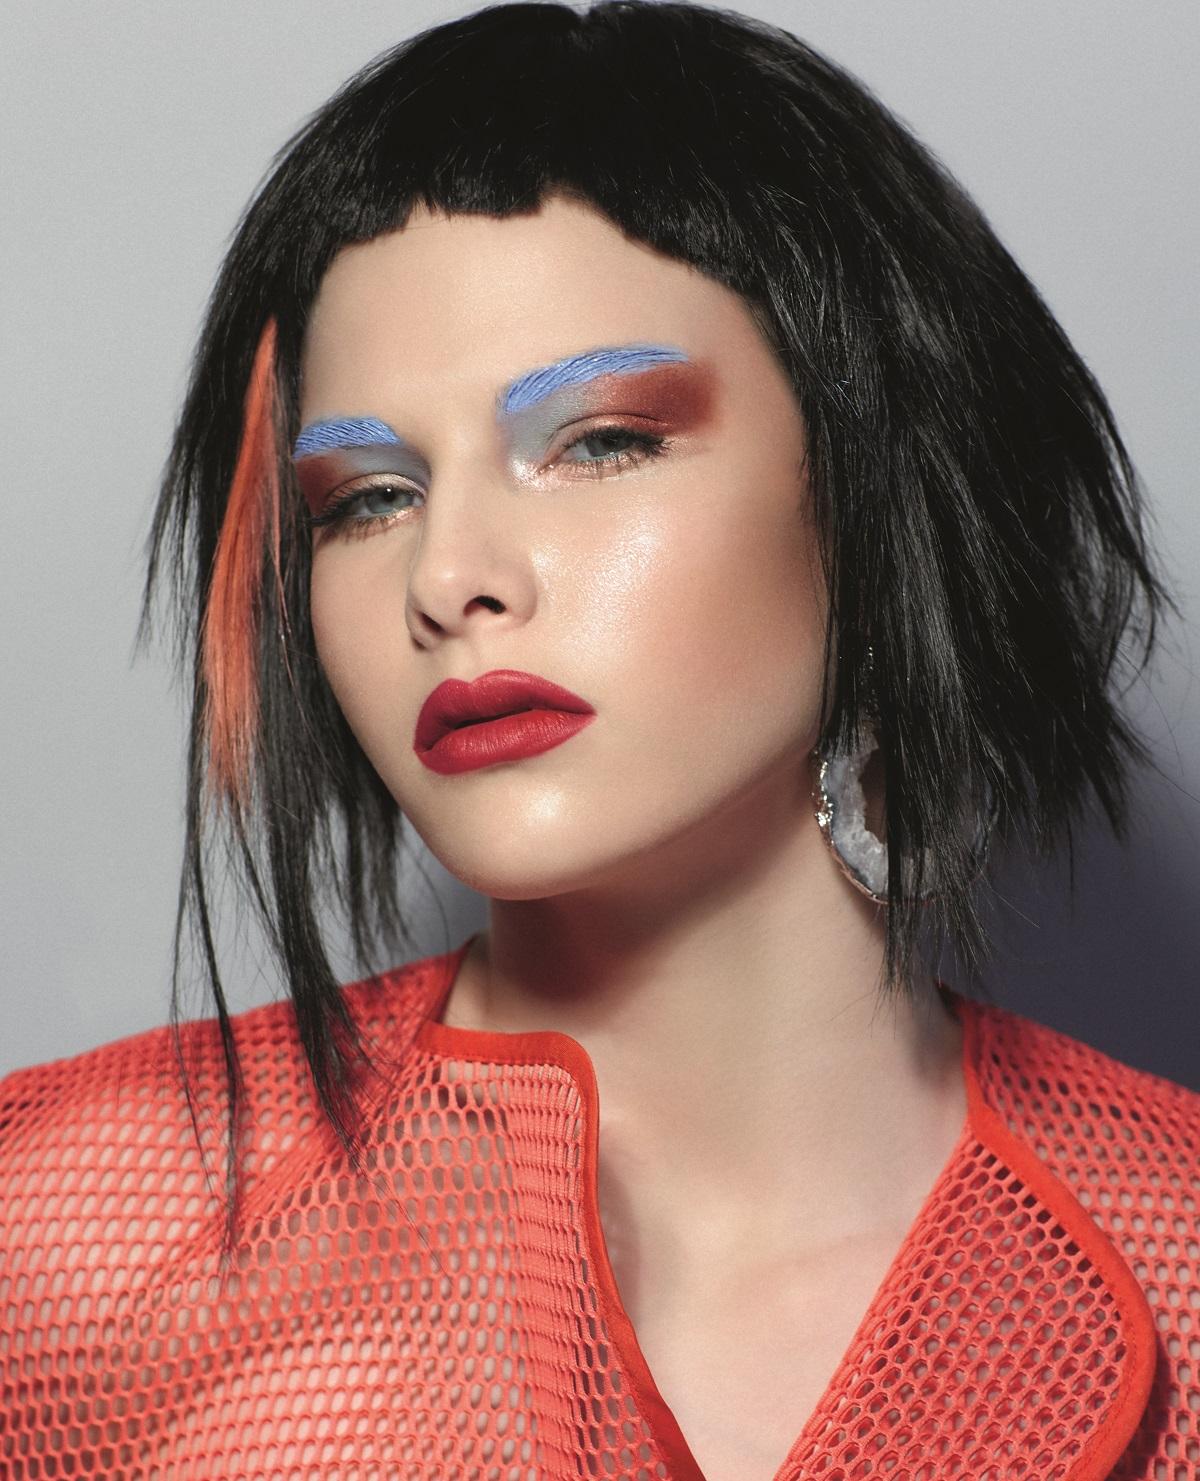 макияж со стрелками 2019